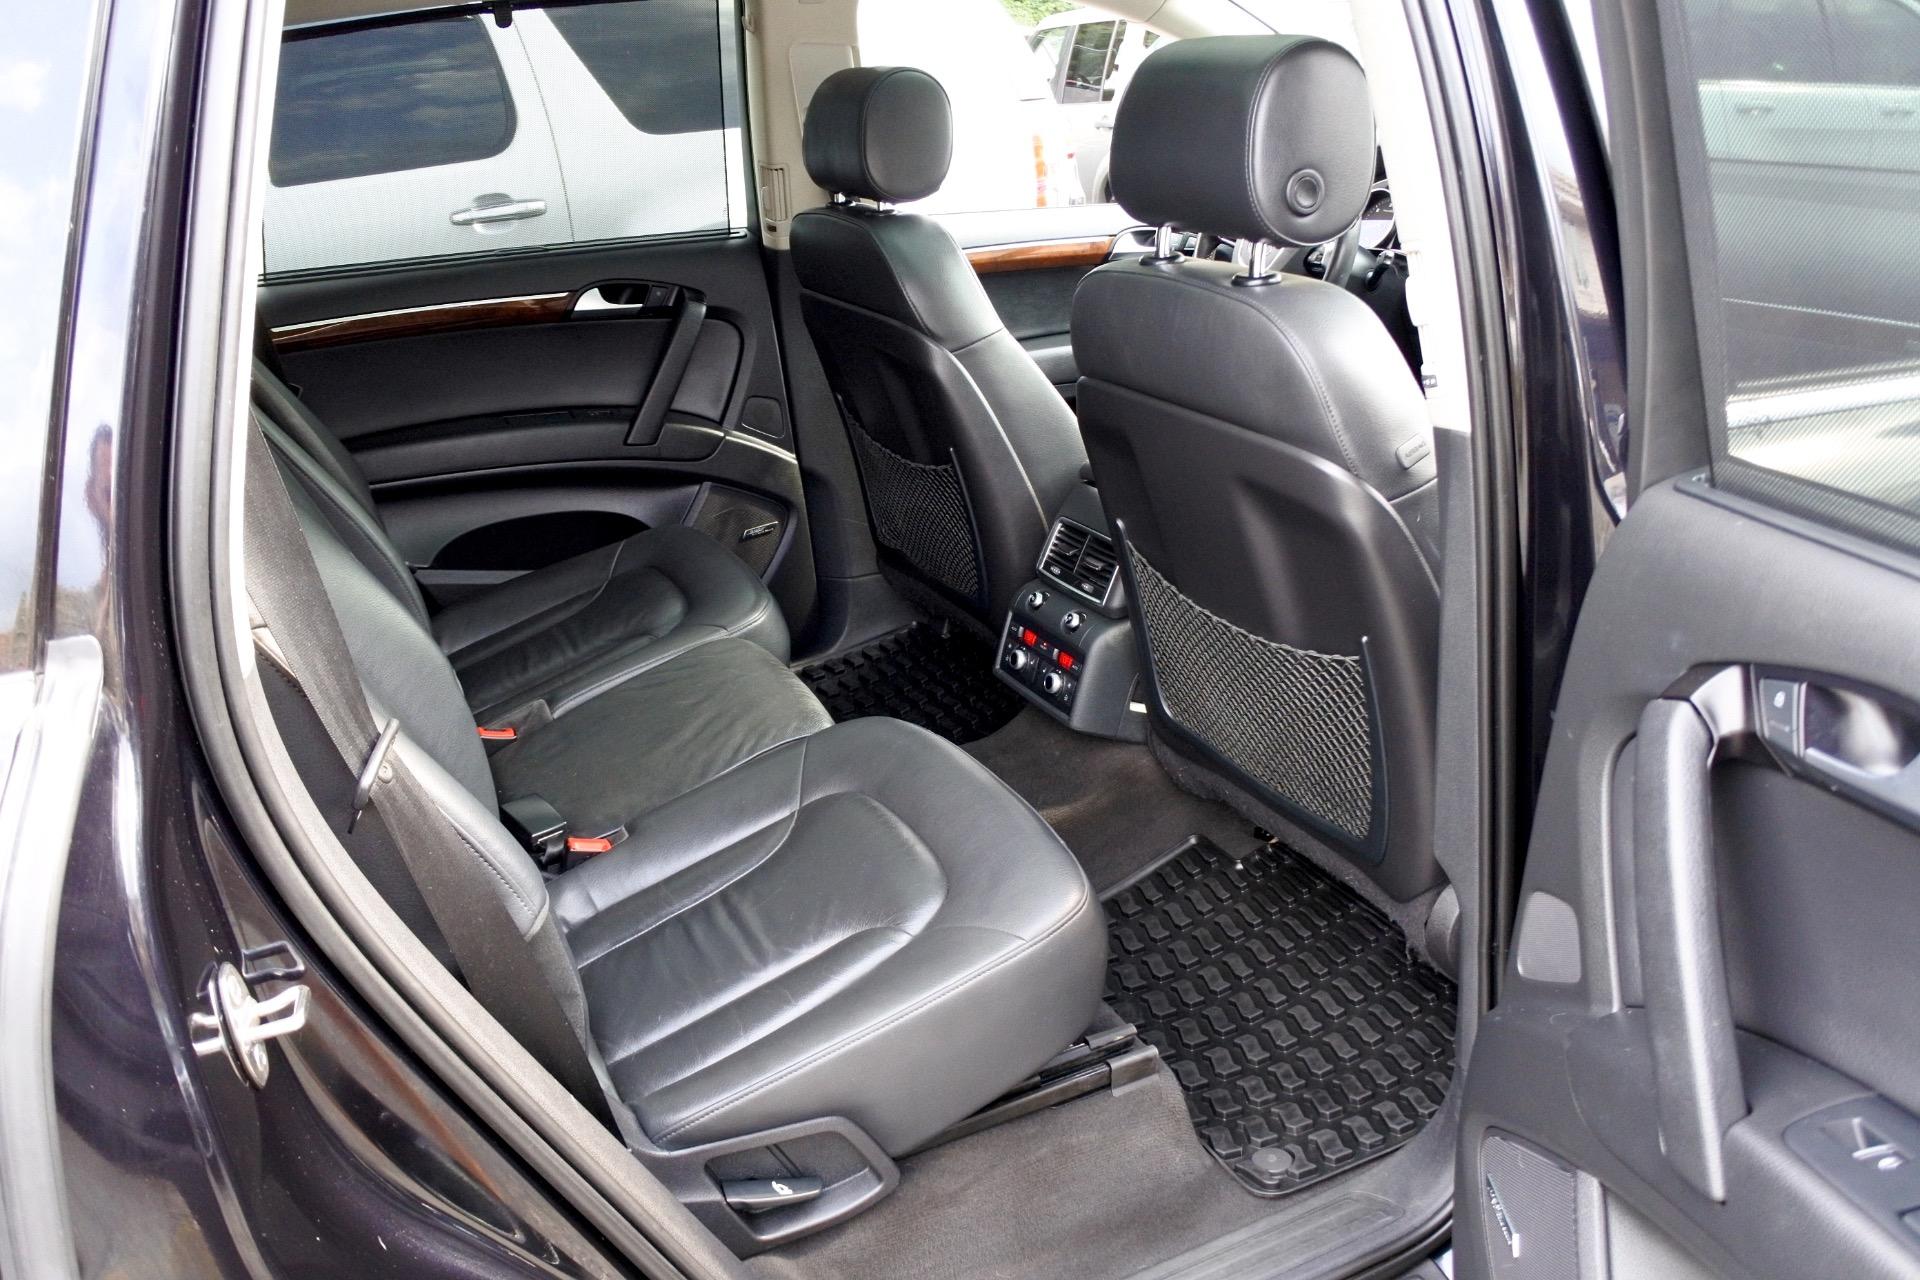 Used 2013 Audi Q7 TDI Premium Plus Used 2013 Audi Q7 TDI Premium Plus for sale  at Metro West Motorcars LLC in Shrewsbury MA 22